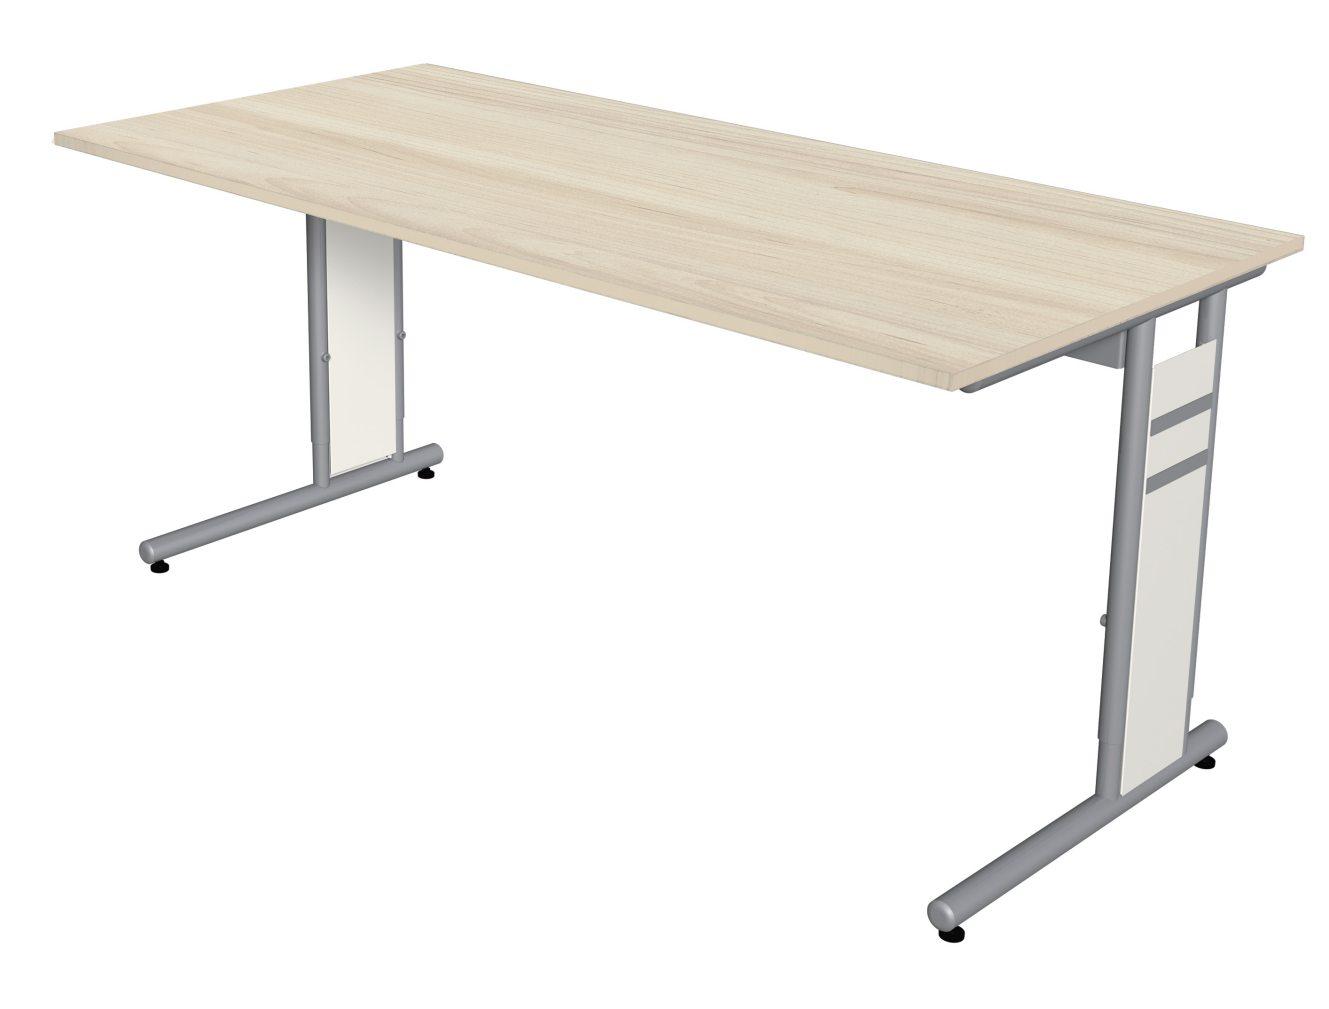 höhenverstellbarer Schreibtisch 160 x 80 cm Tischplatte in Ahorn-Holzdekor